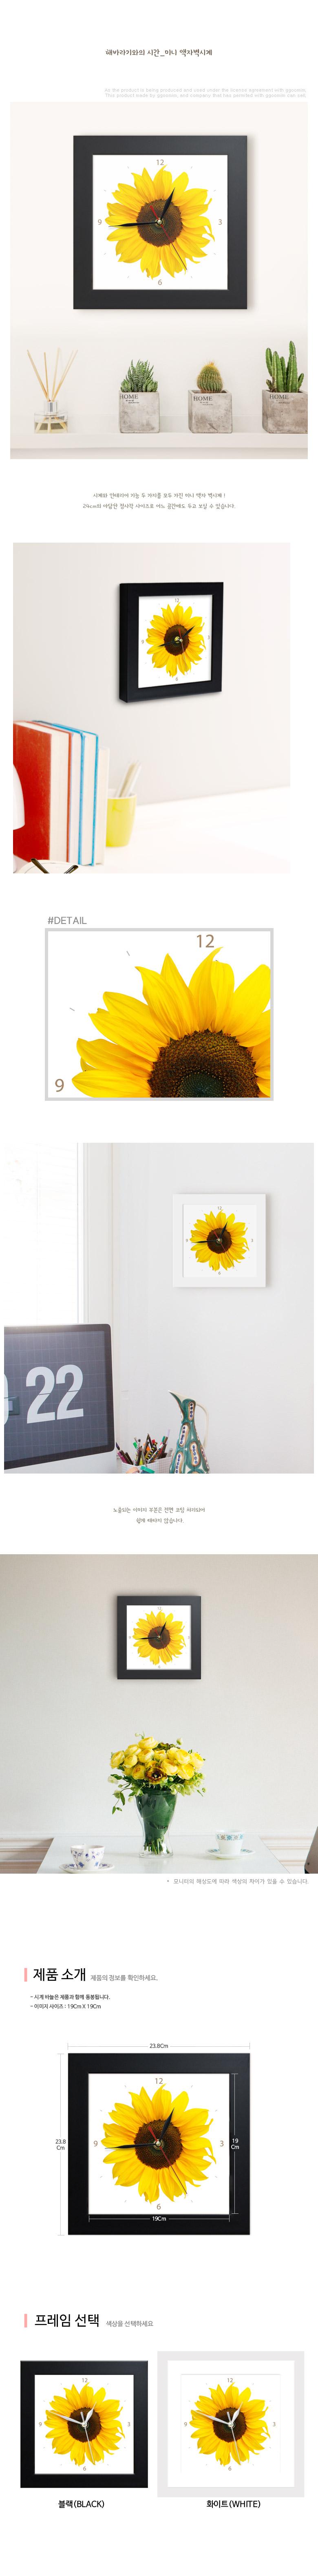 해바라기와의시간_미니액자벽시계36,000원-꾸밈인테리어, 시계, 벽시계, 디자인바보사랑해바라기와의시간_미니액자벽시계36,000원-꾸밈인테리어, 시계, 벽시계, 디자인바보사랑